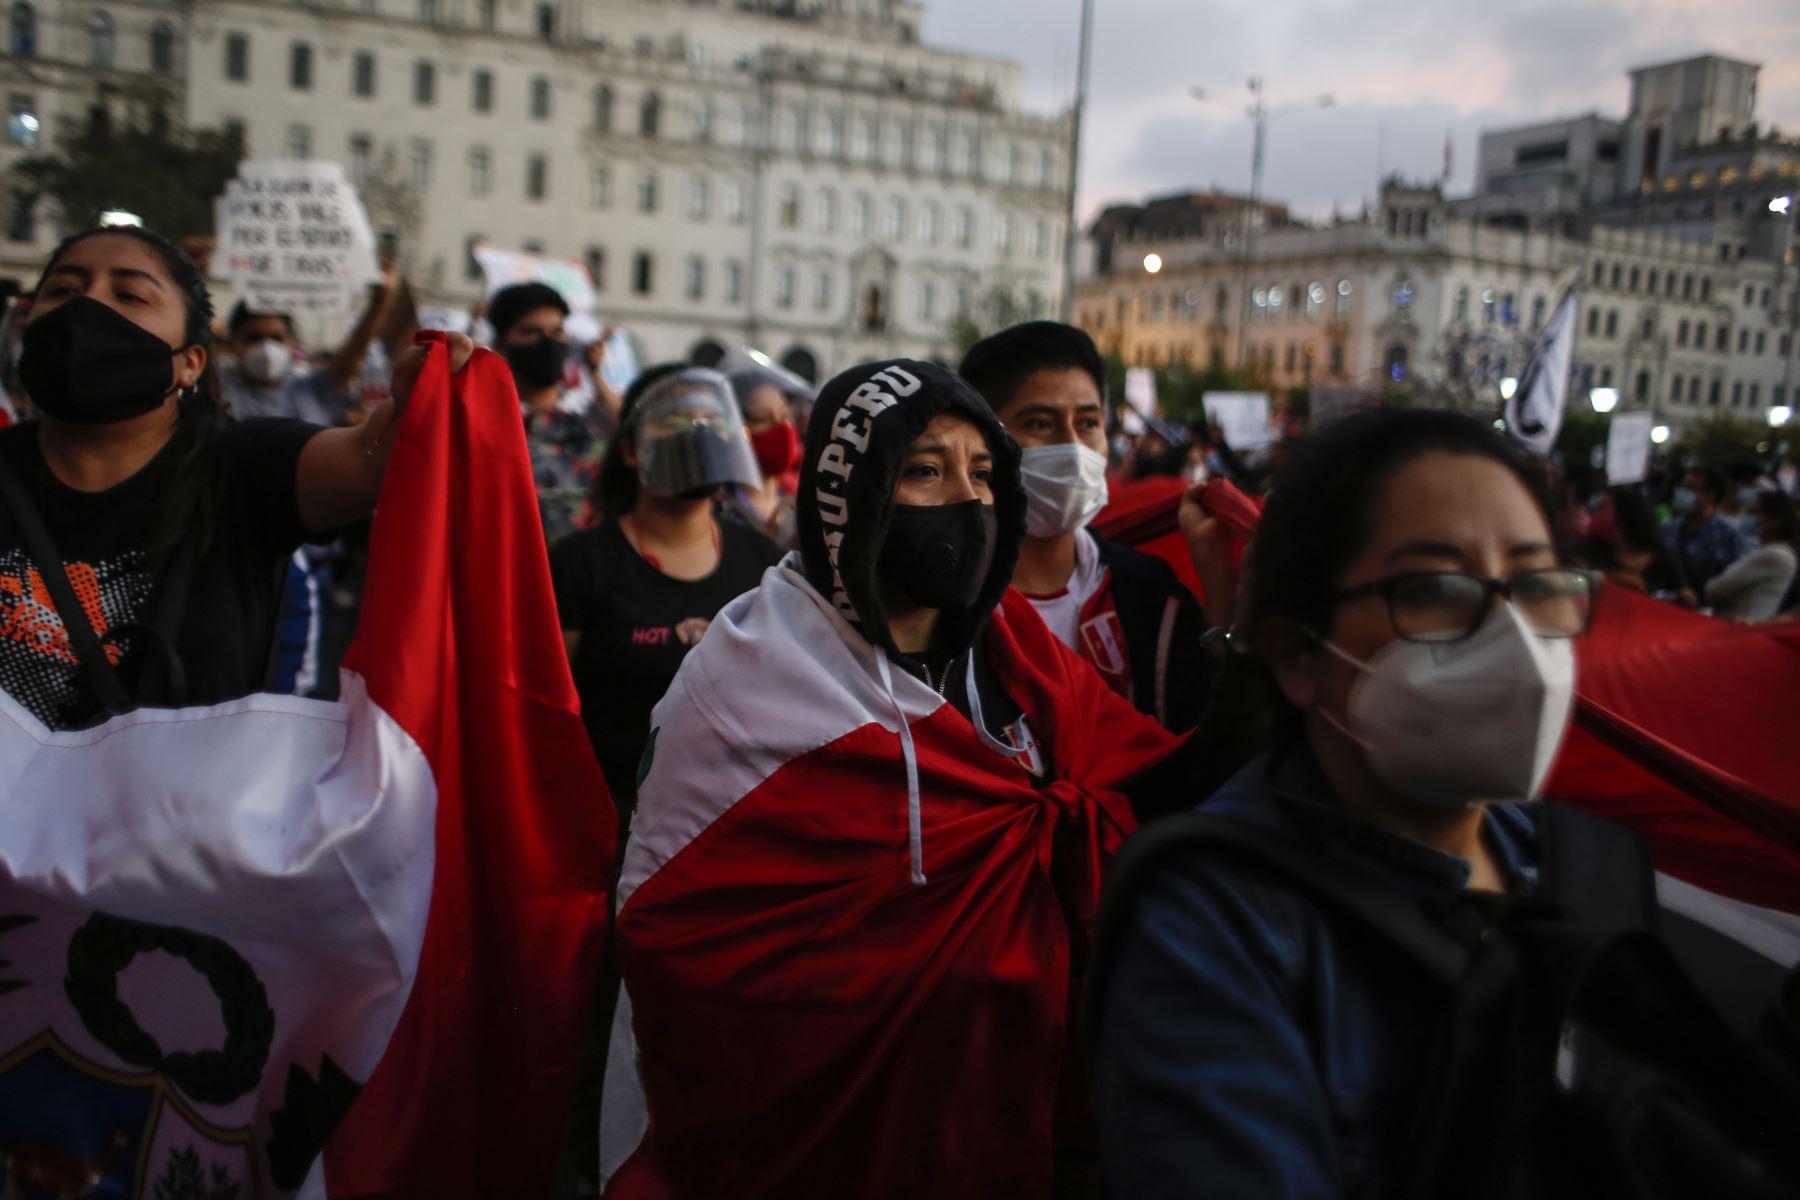 La protesta como derecho ciudadano y la represión como silencio